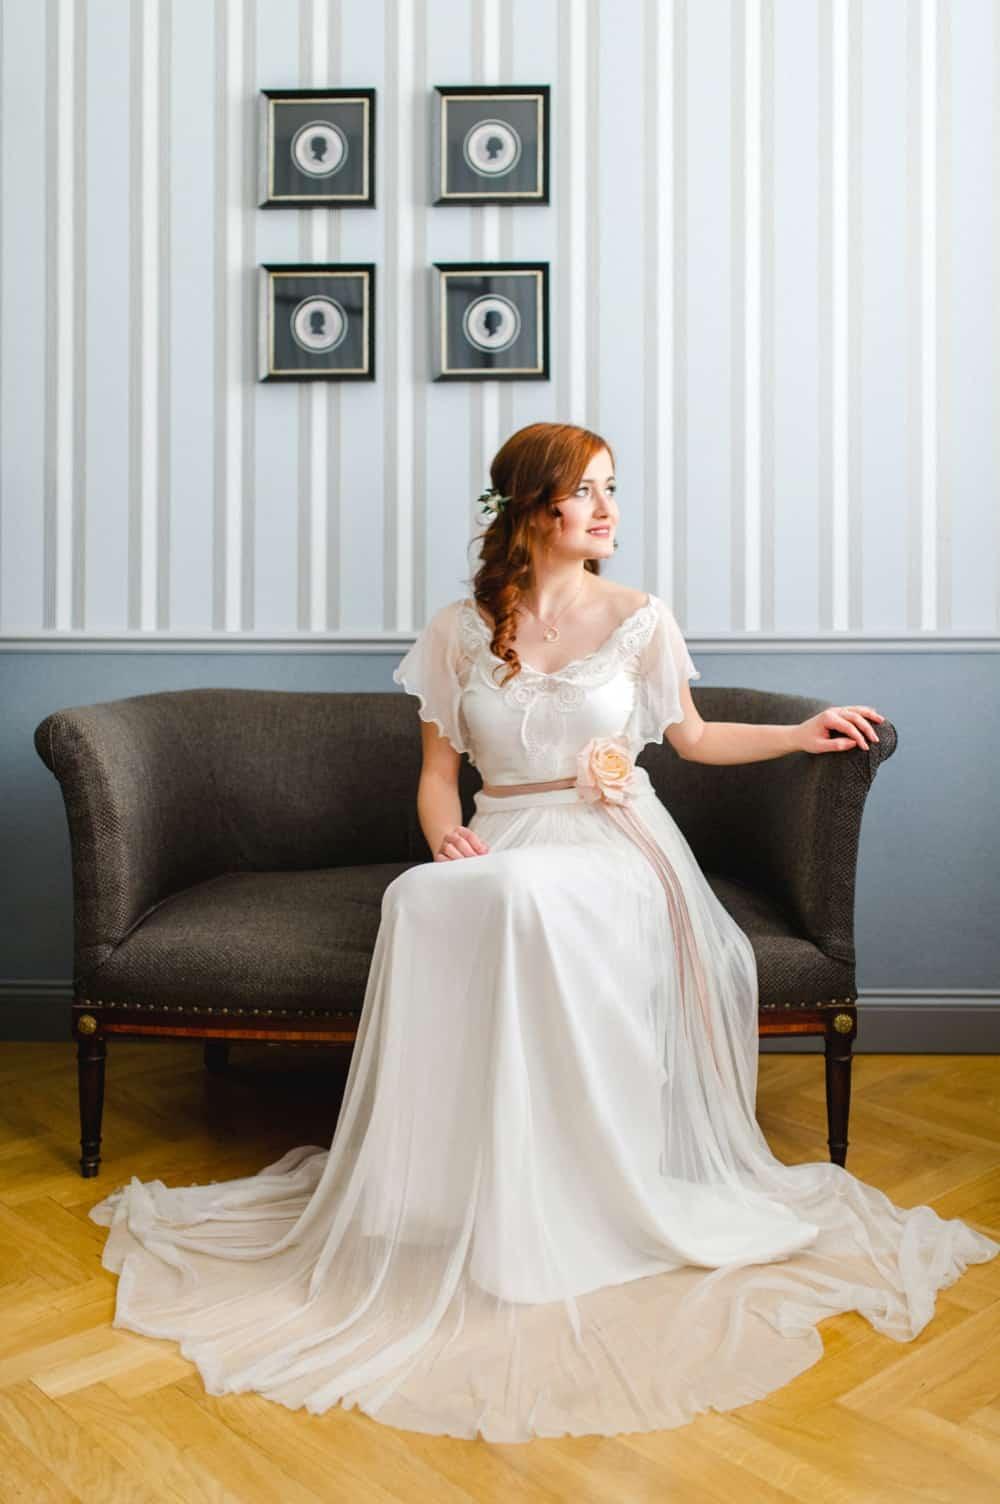 hochzeitsfotograf_thomasschwede_after_wedding_fotos_in_wien_0689